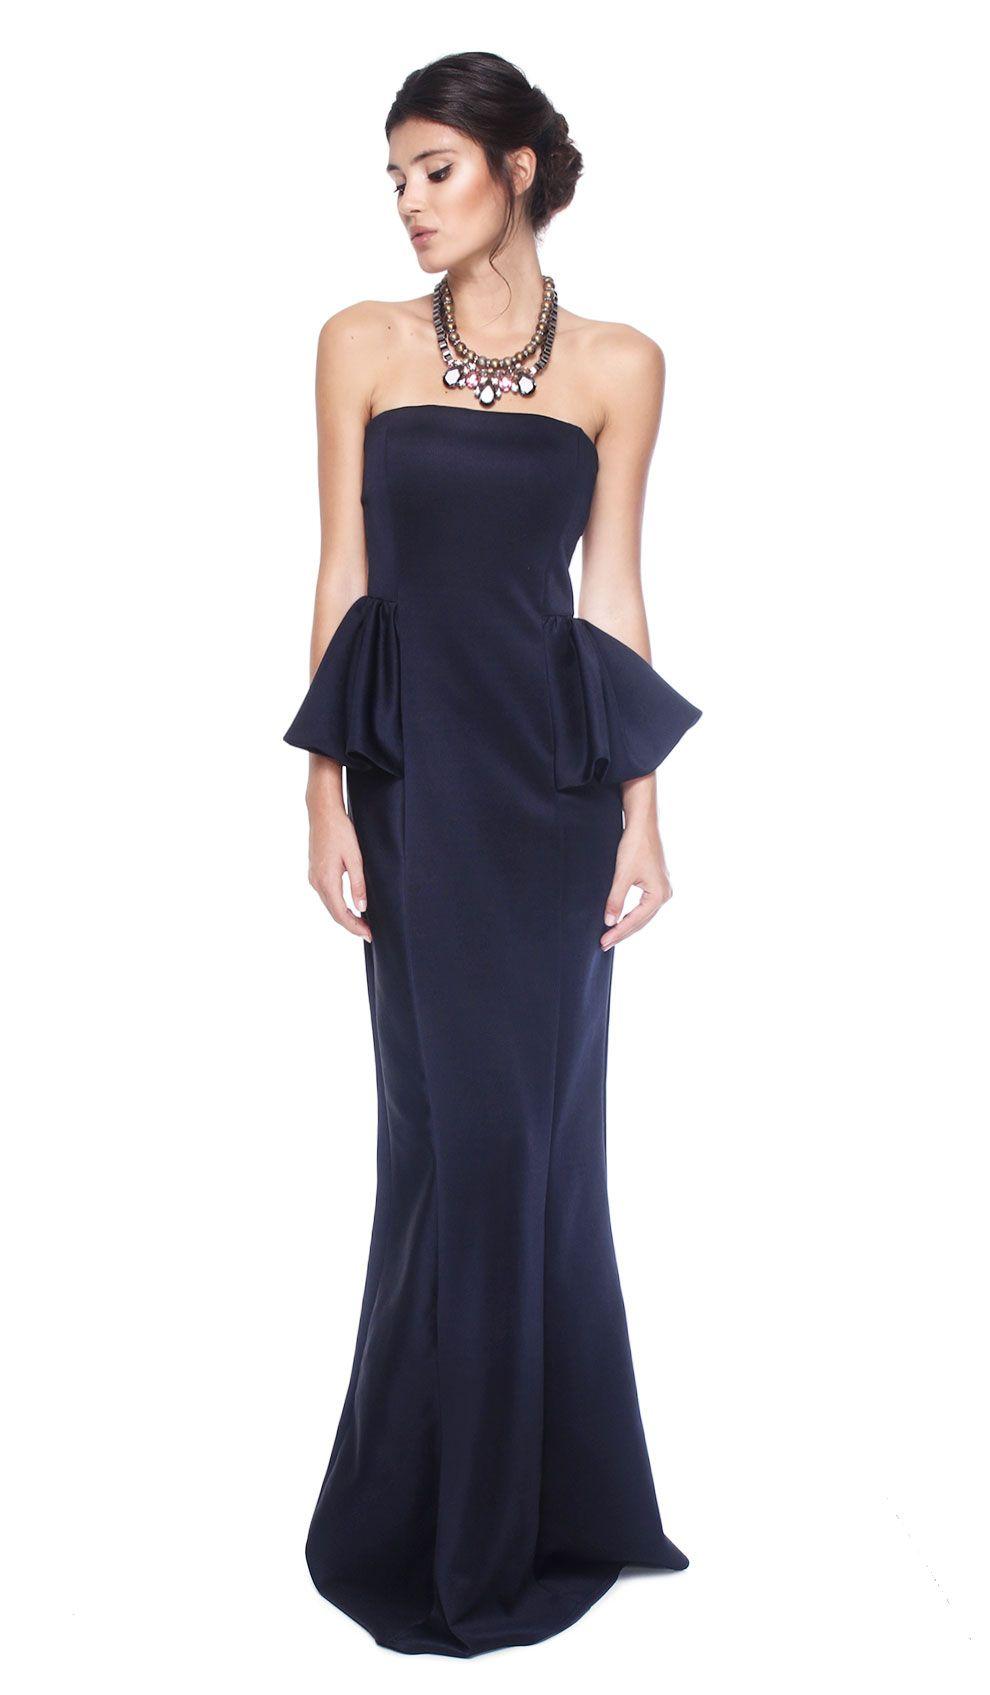 Pin von Karen Cavallaro auf SH Fashion Twins  Glamouröse kleider